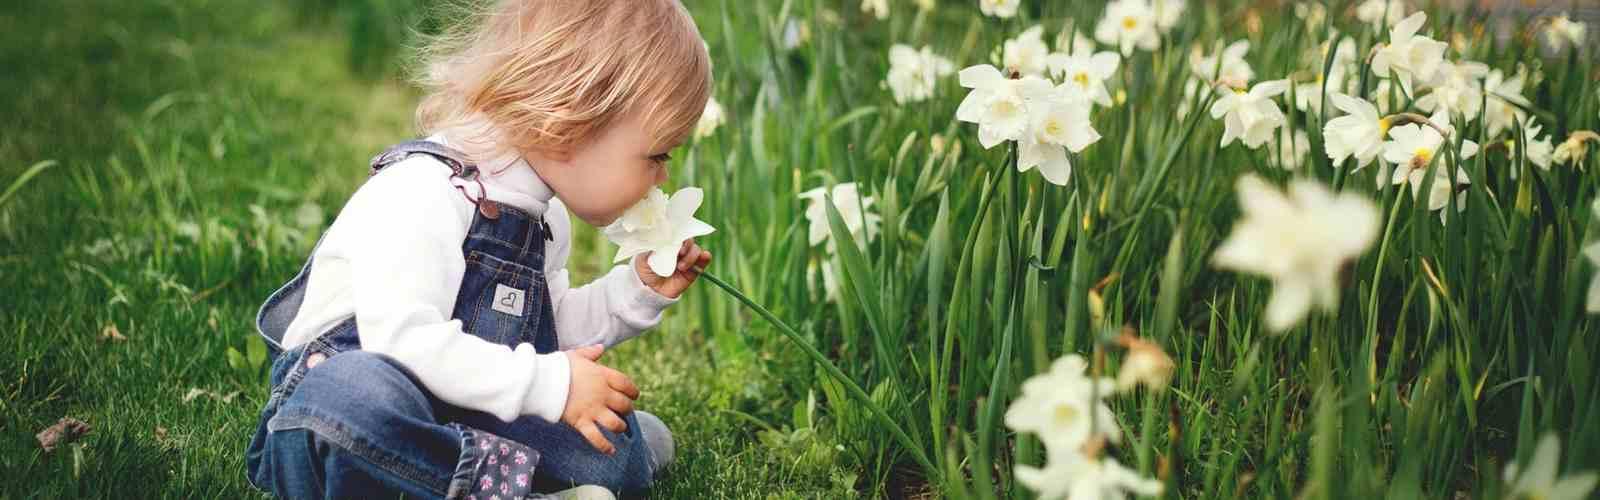 Dort wo Kinder noch unbeschwert die Natur erleben können